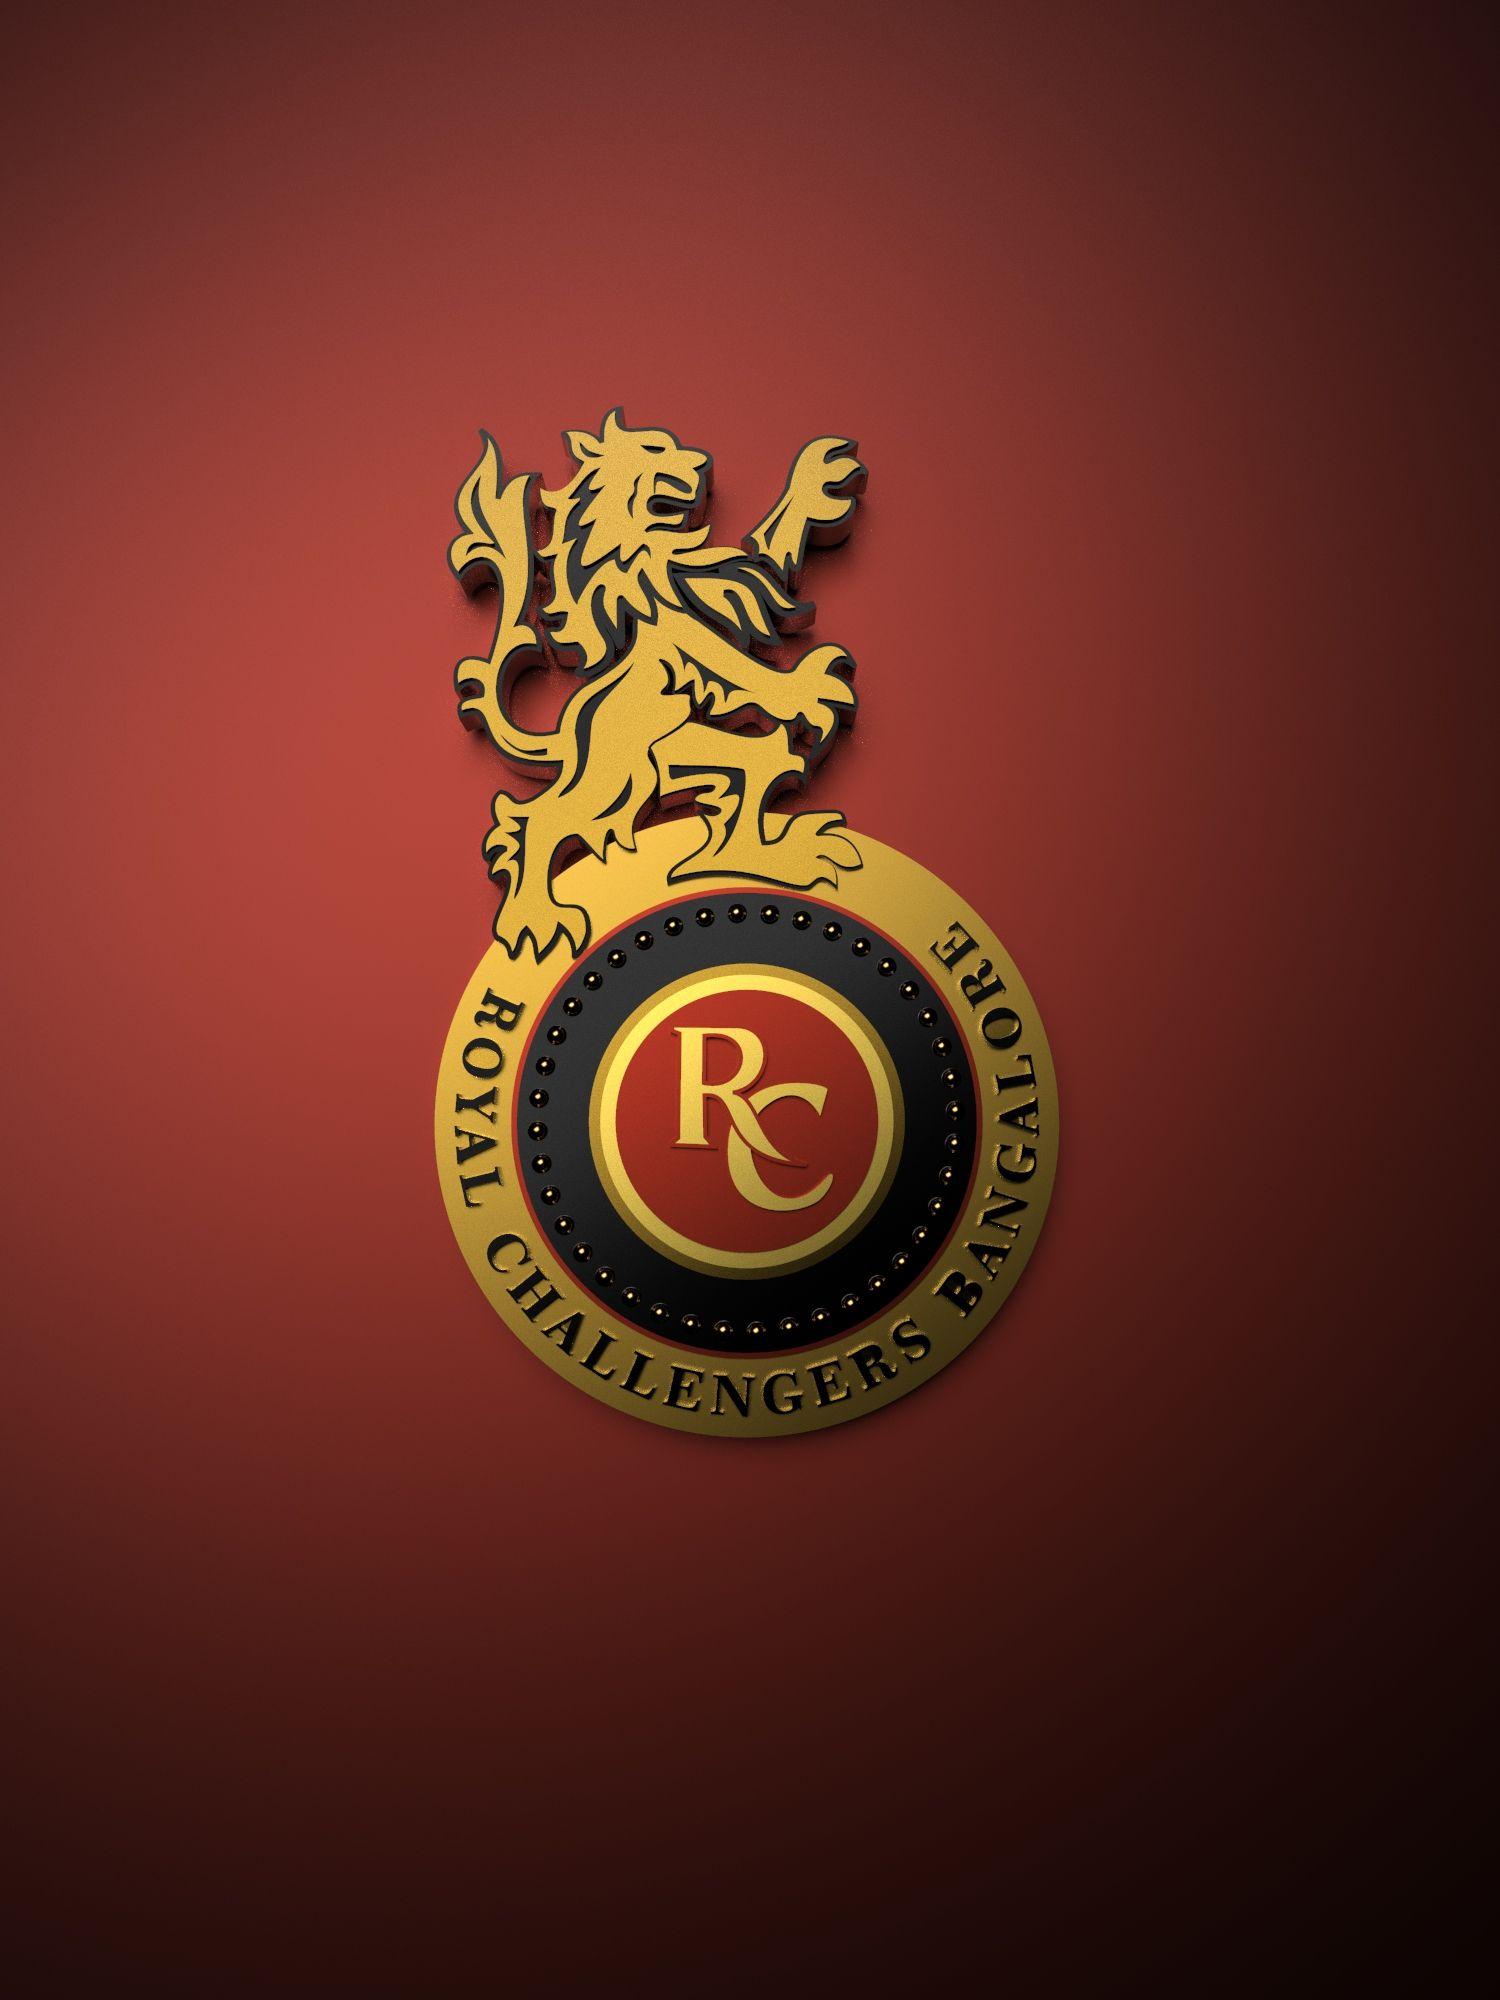 Royal Challengers Bangalore IPL metallic logo poster